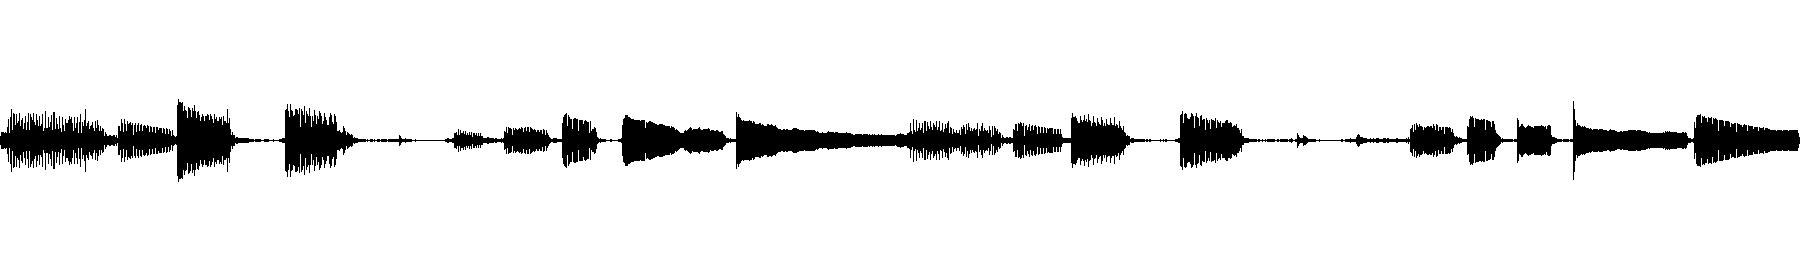 30149 eb blues riff wav